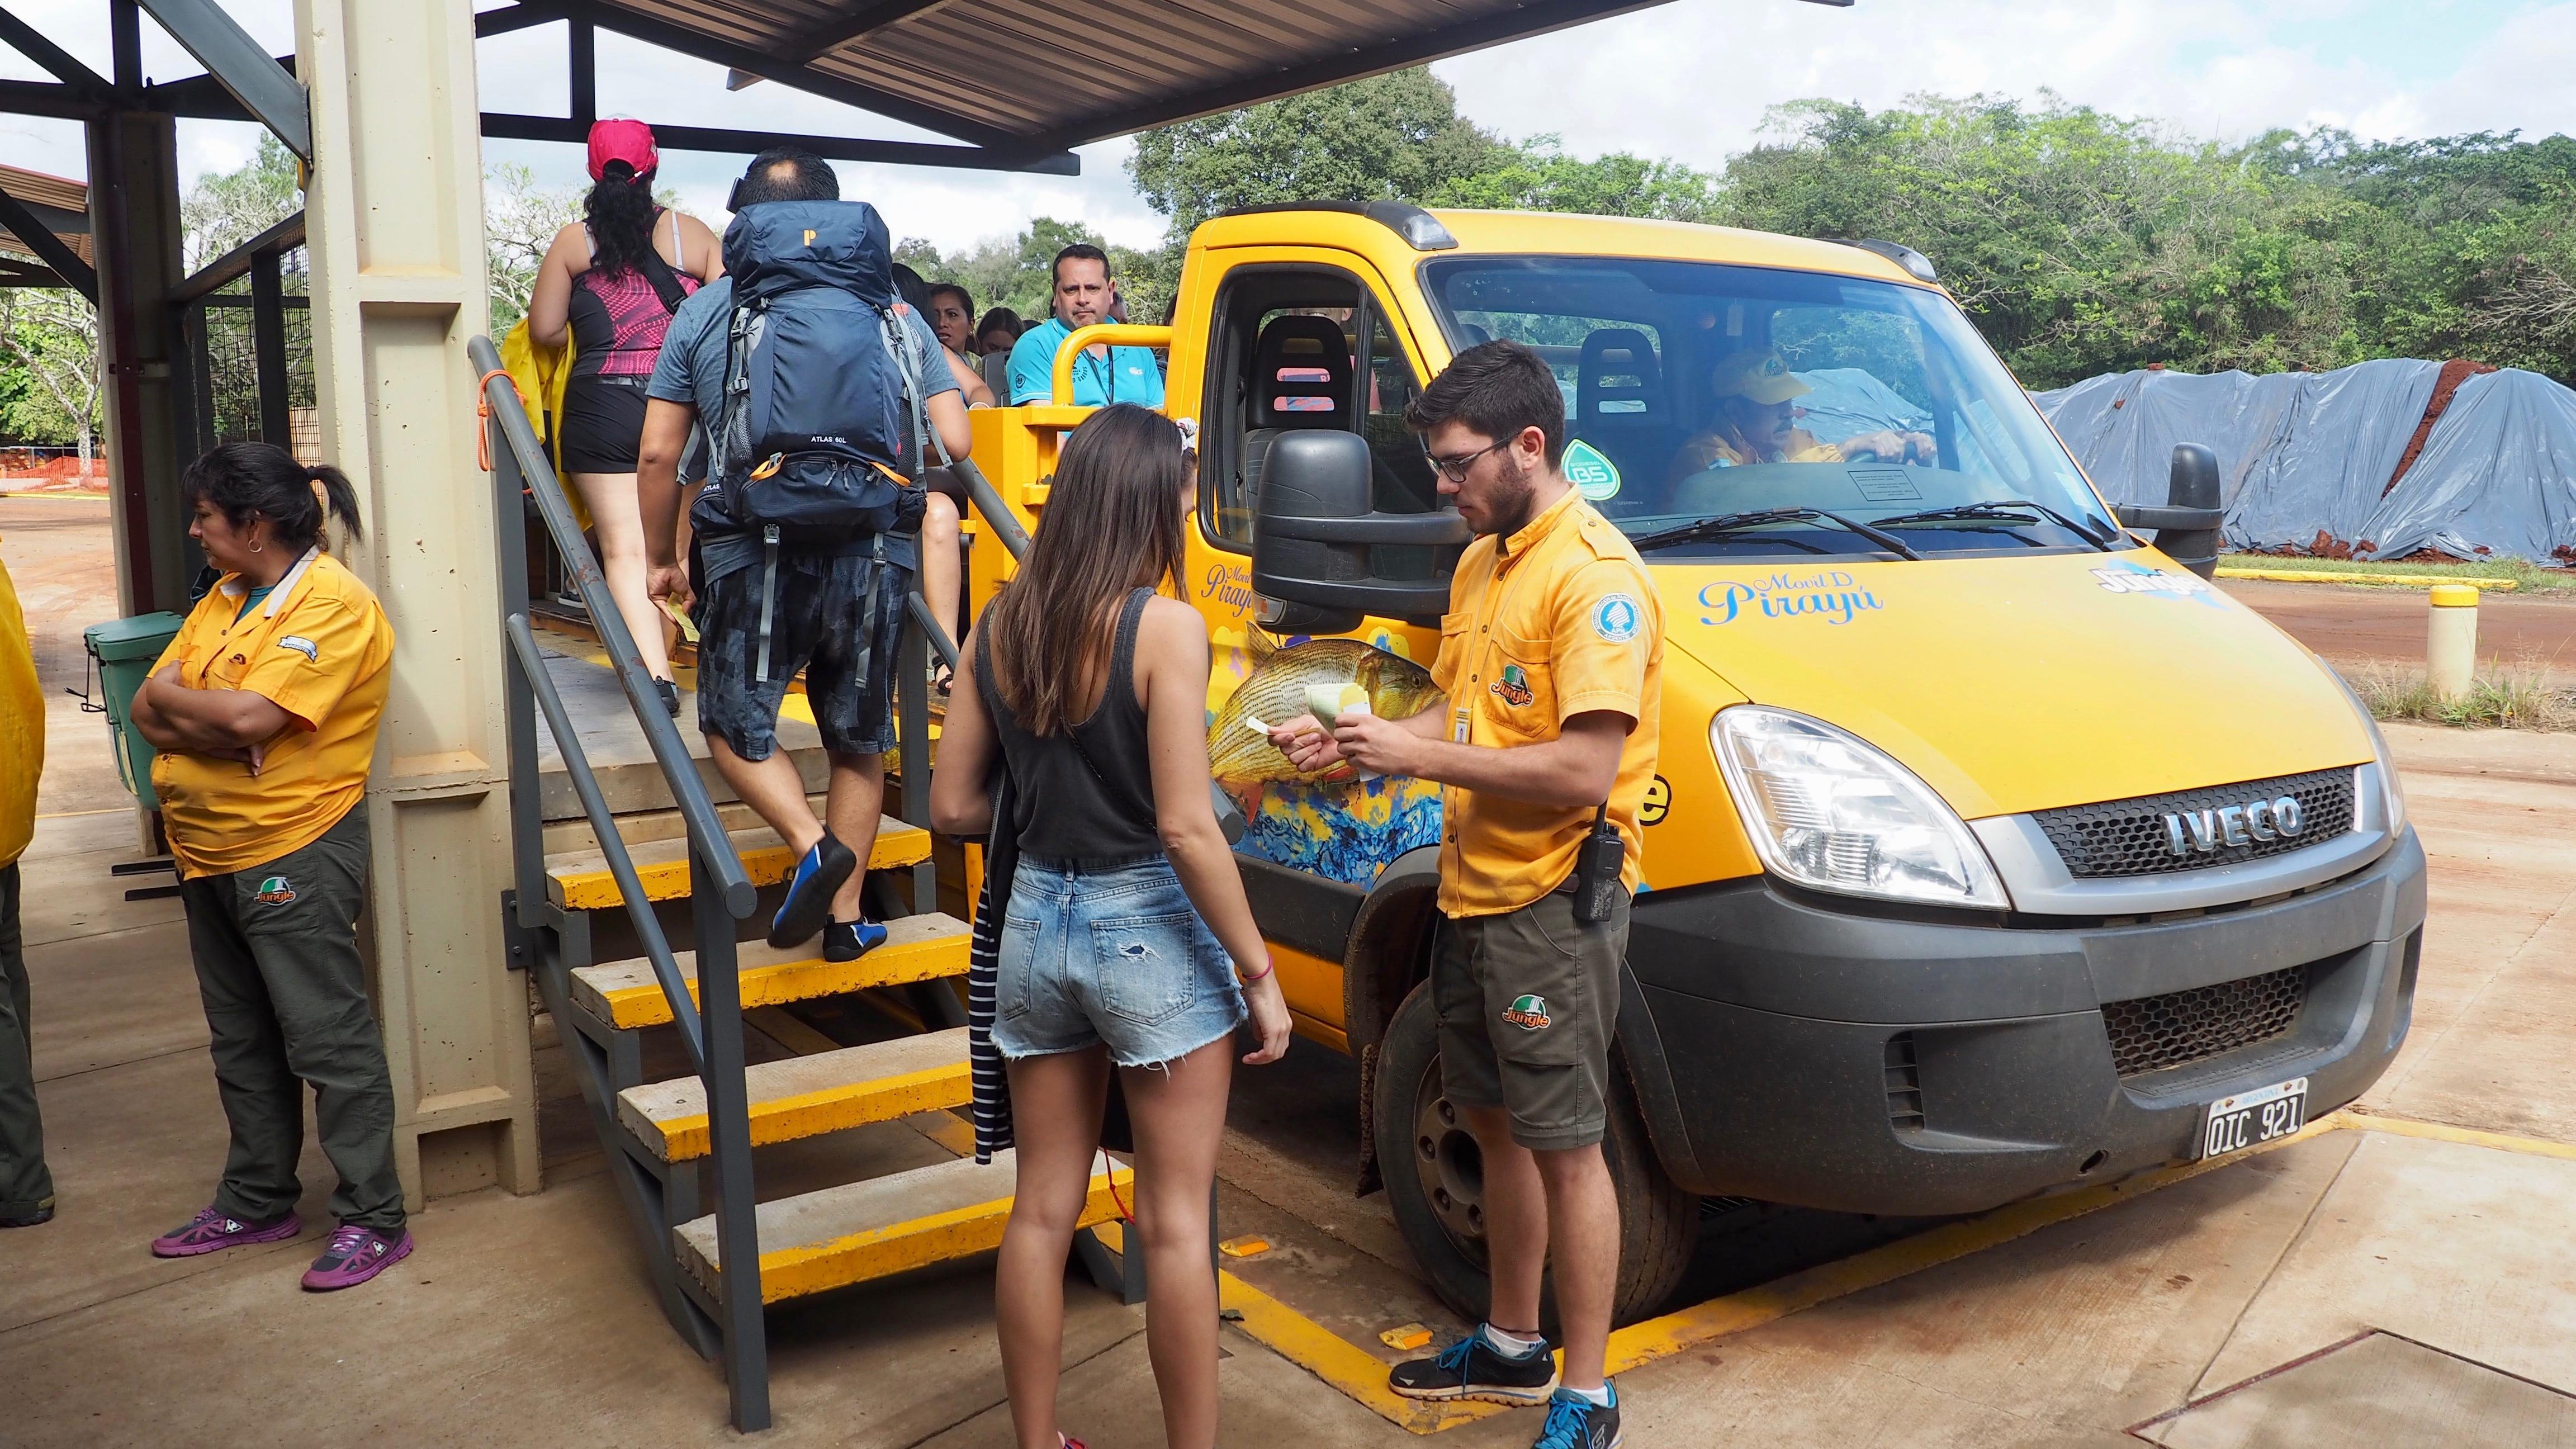 A punto de empezar la actividad en las Cataratas de Iguazú